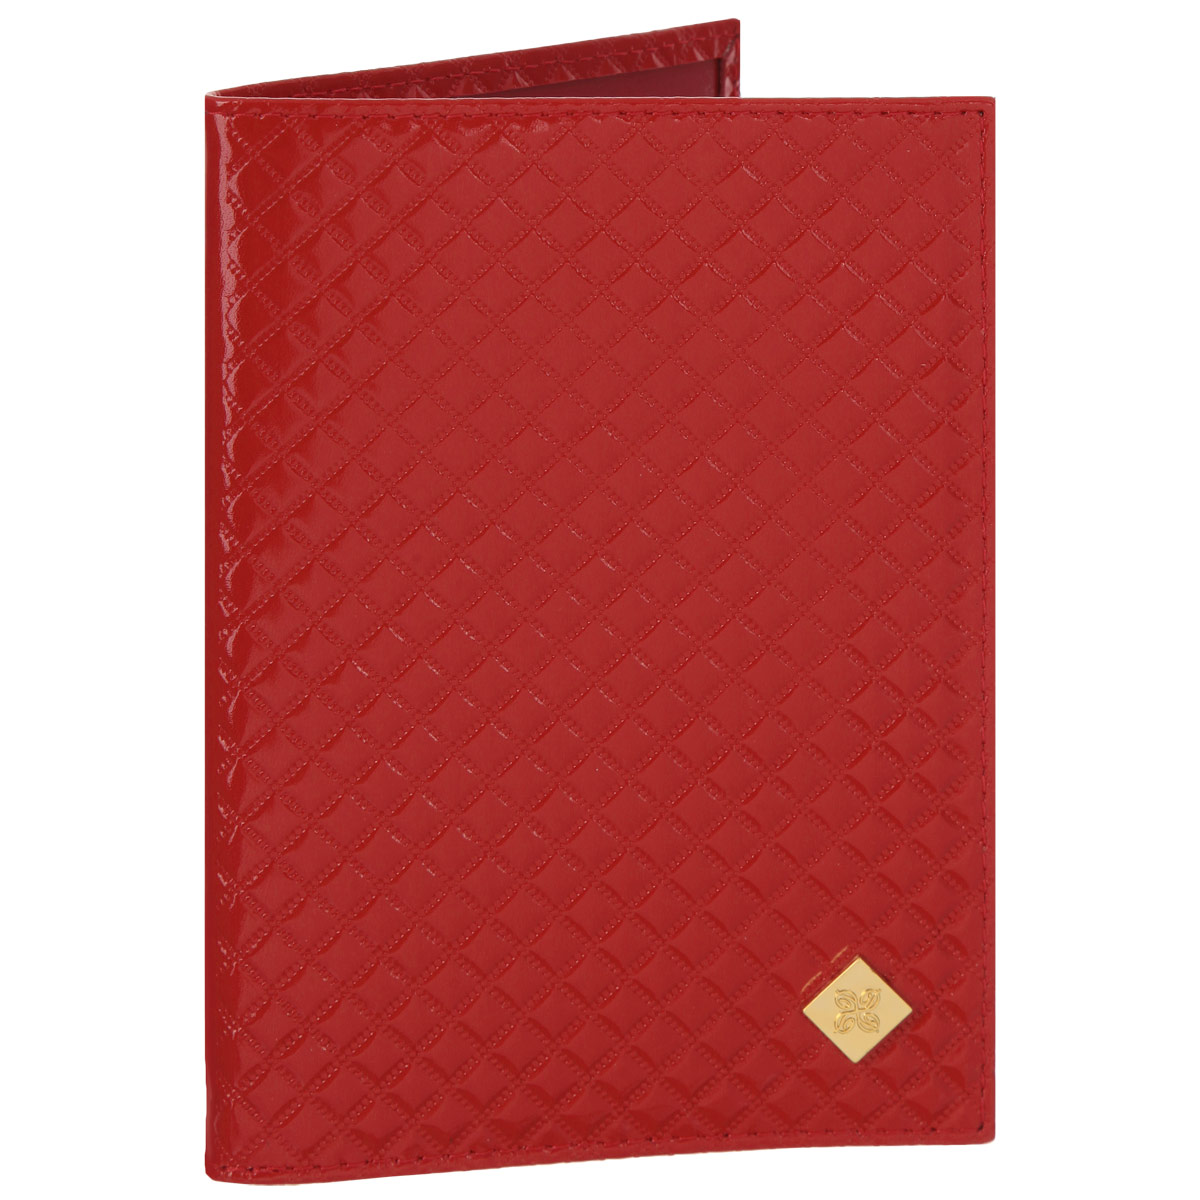 Обложка для паспорта женская Dimanche Rich, цвет: красный. 09090Обложка для паспорта Dimanche Rich выполнена из натуральной кожи, декорирована фактурным тиснением и брендовым металлическим значком на лицевой стороне обложки.Обложка на подкладке с пластиковыми клапанами.Обложка не только поможет сохранить внешний вид ваших документов и защитить их от повреждений, но и станет стильным аксессуаром, идеально подходящим вашему образу. Обложка для паспорта стильного дизайна может быть достойным и оригинальным подарком.